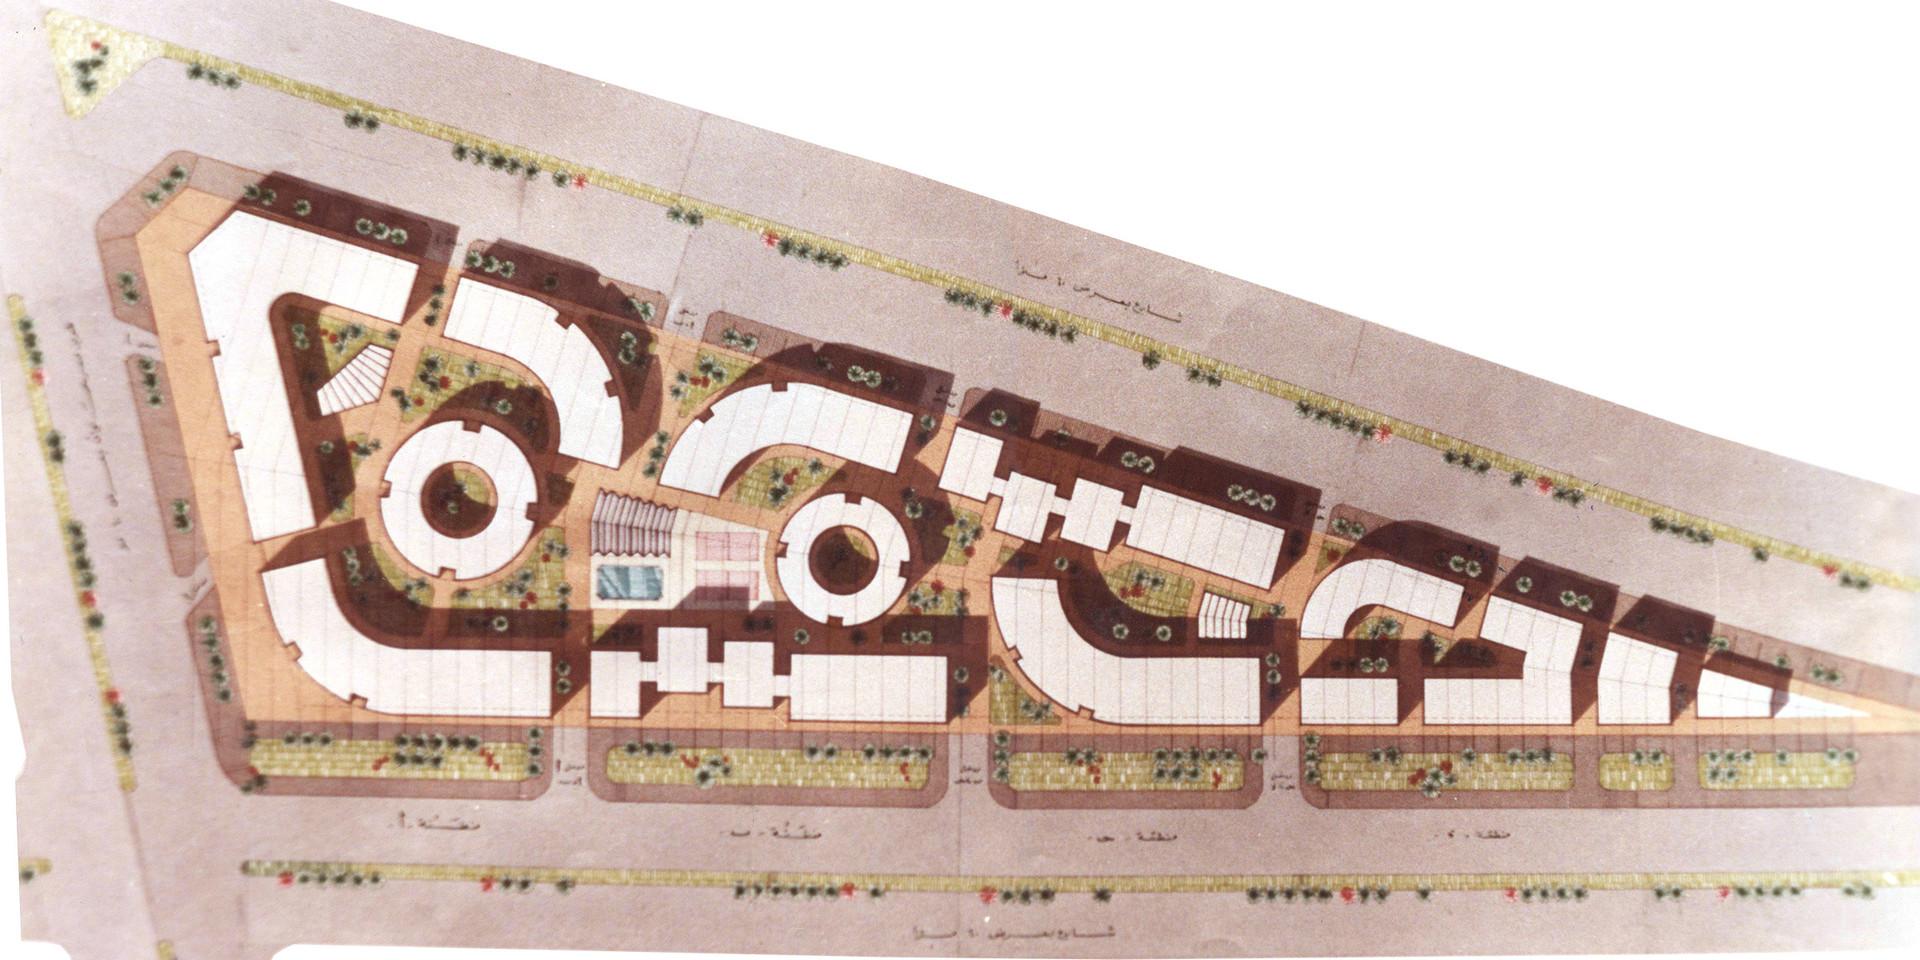 Hedico Heliopolis 2000 Rendered Masterplan